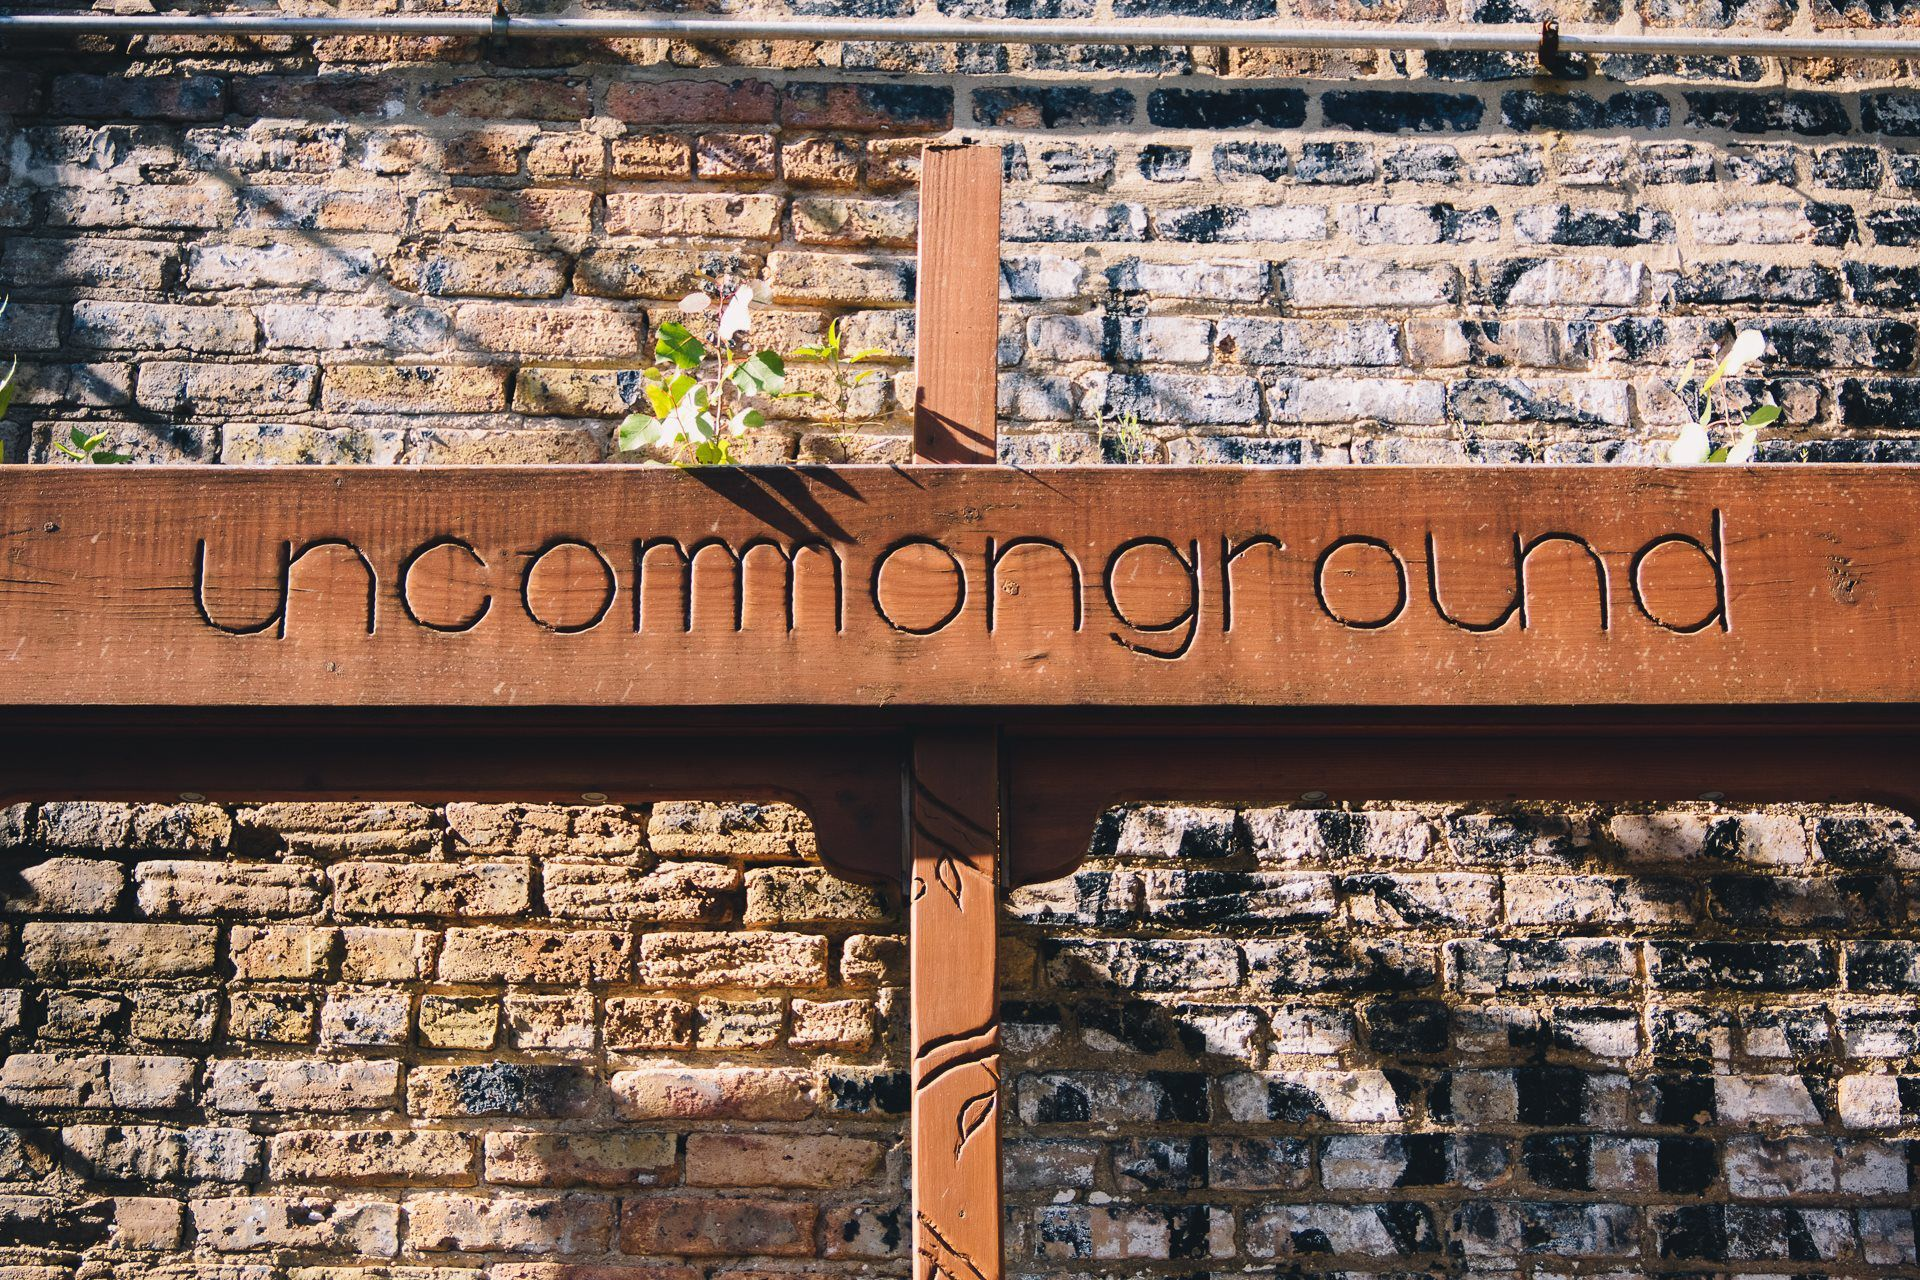 uncommonground.jpg